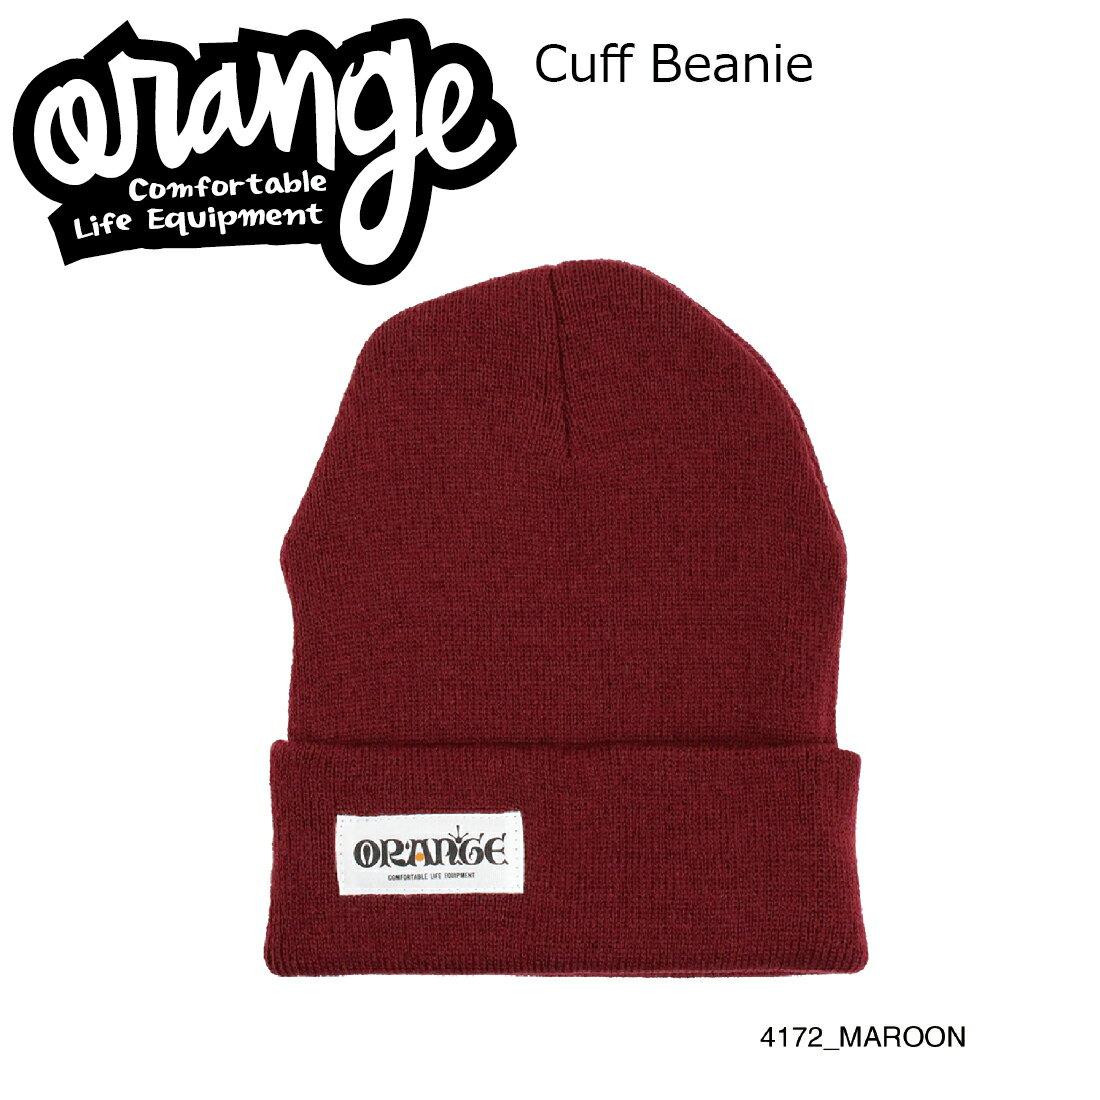 Oran'ge Cuff Beanie 4172 MAROON オレンジ カフ ビーニー ニットキャップ 2つ折り